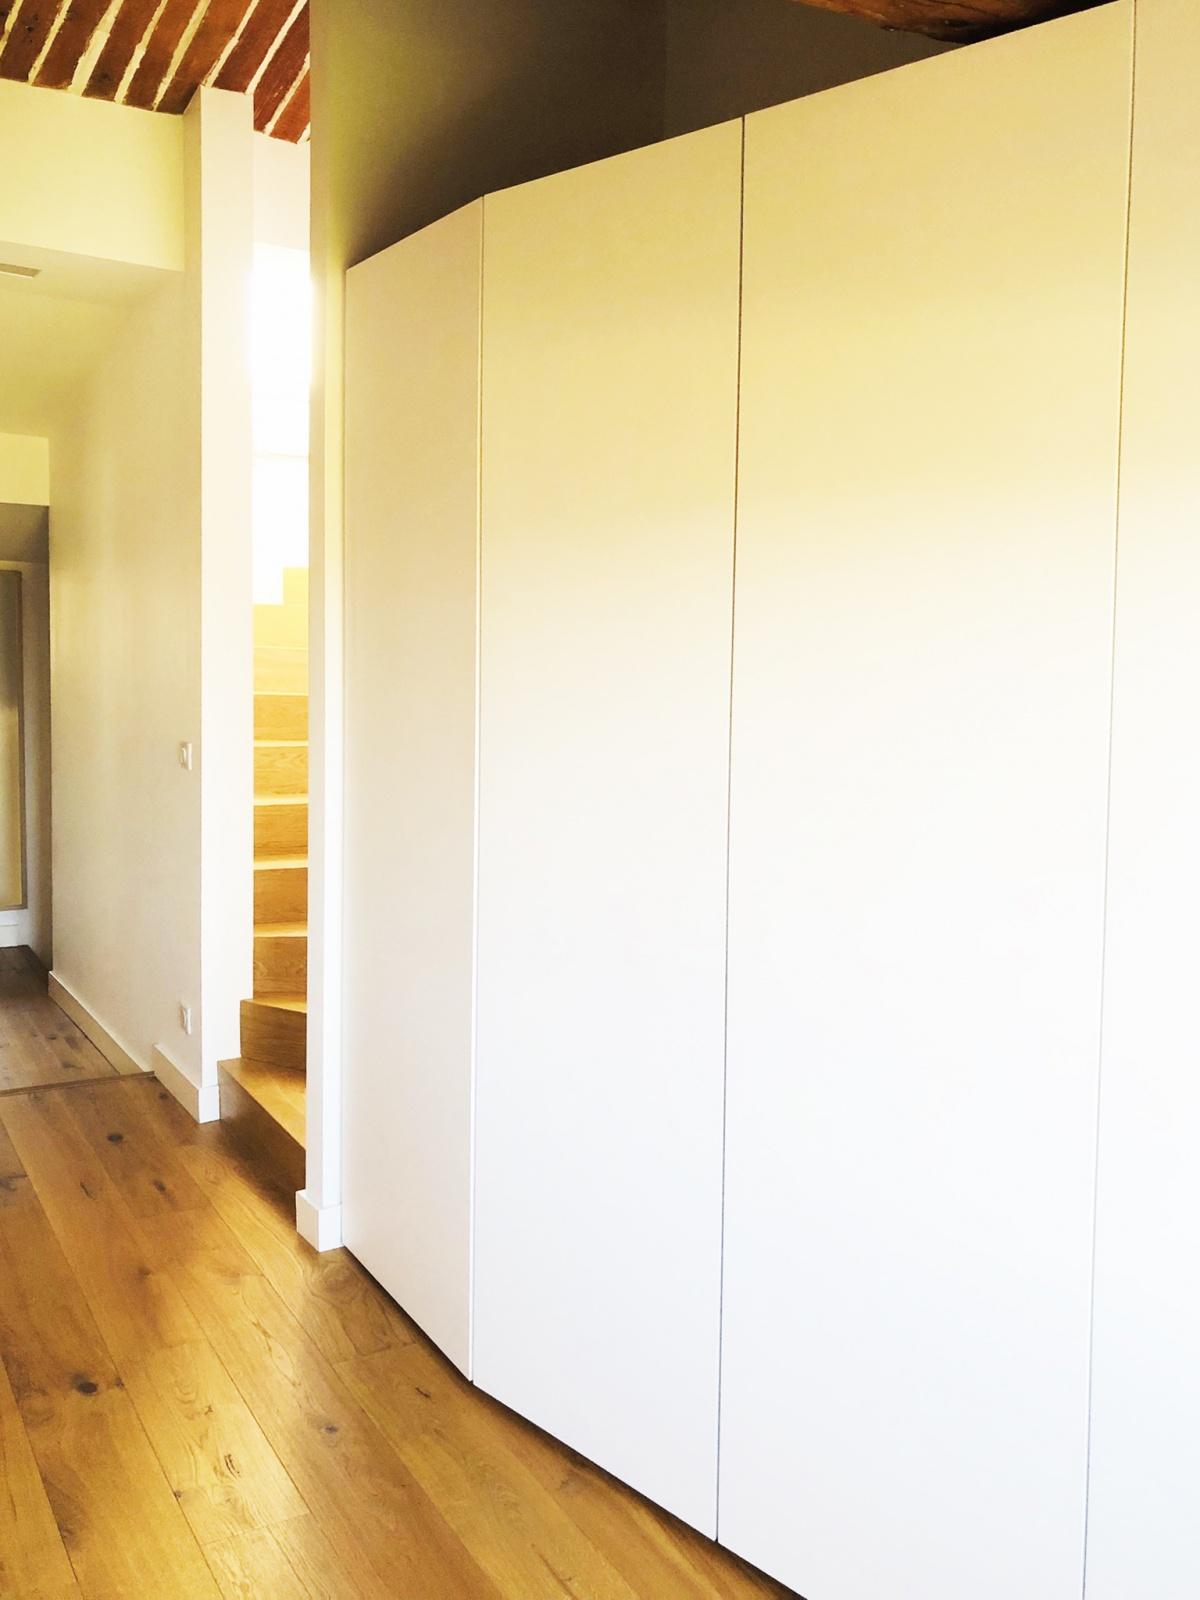 Réhabilitation totale d'un appartement Cours Mirabeau à Aix : image10.jpeg